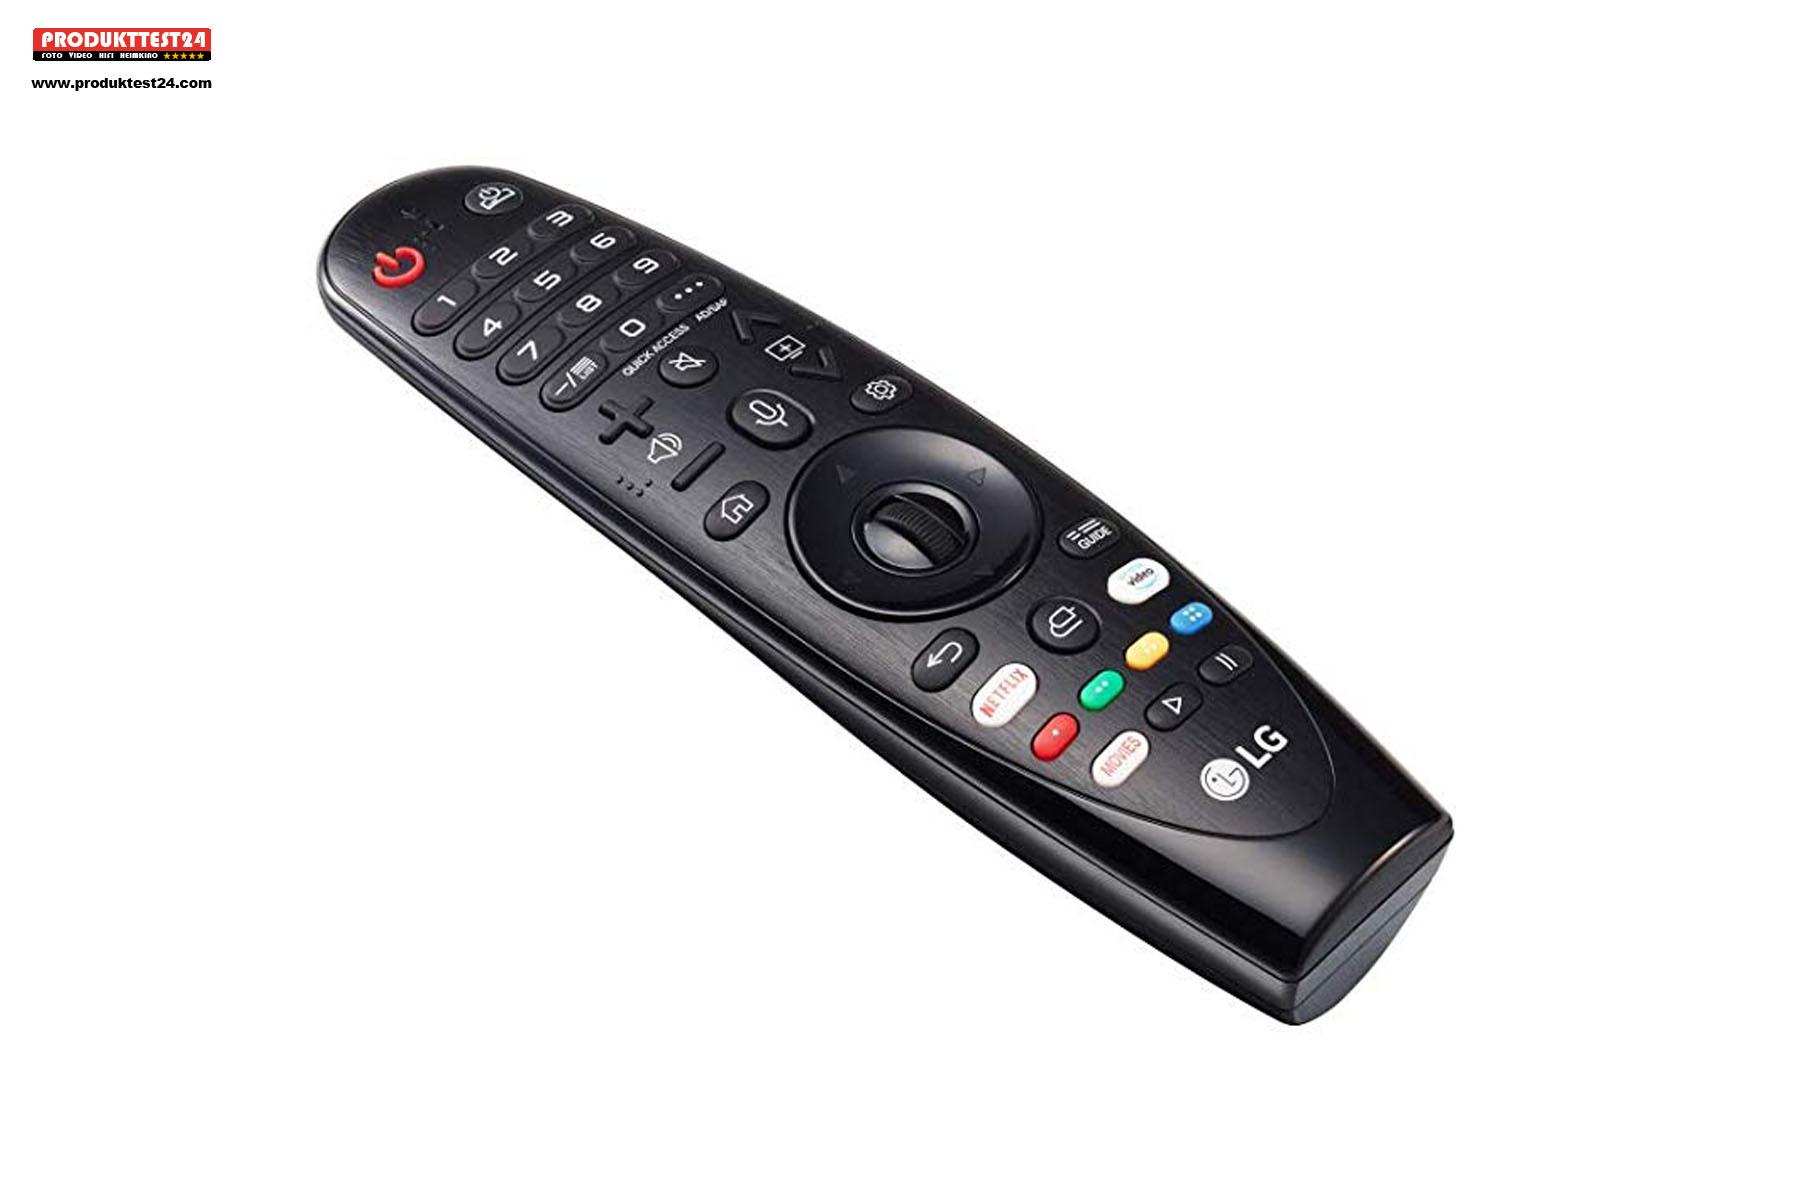 Die LG Magic Remote Fernbedienung ist auch dabei